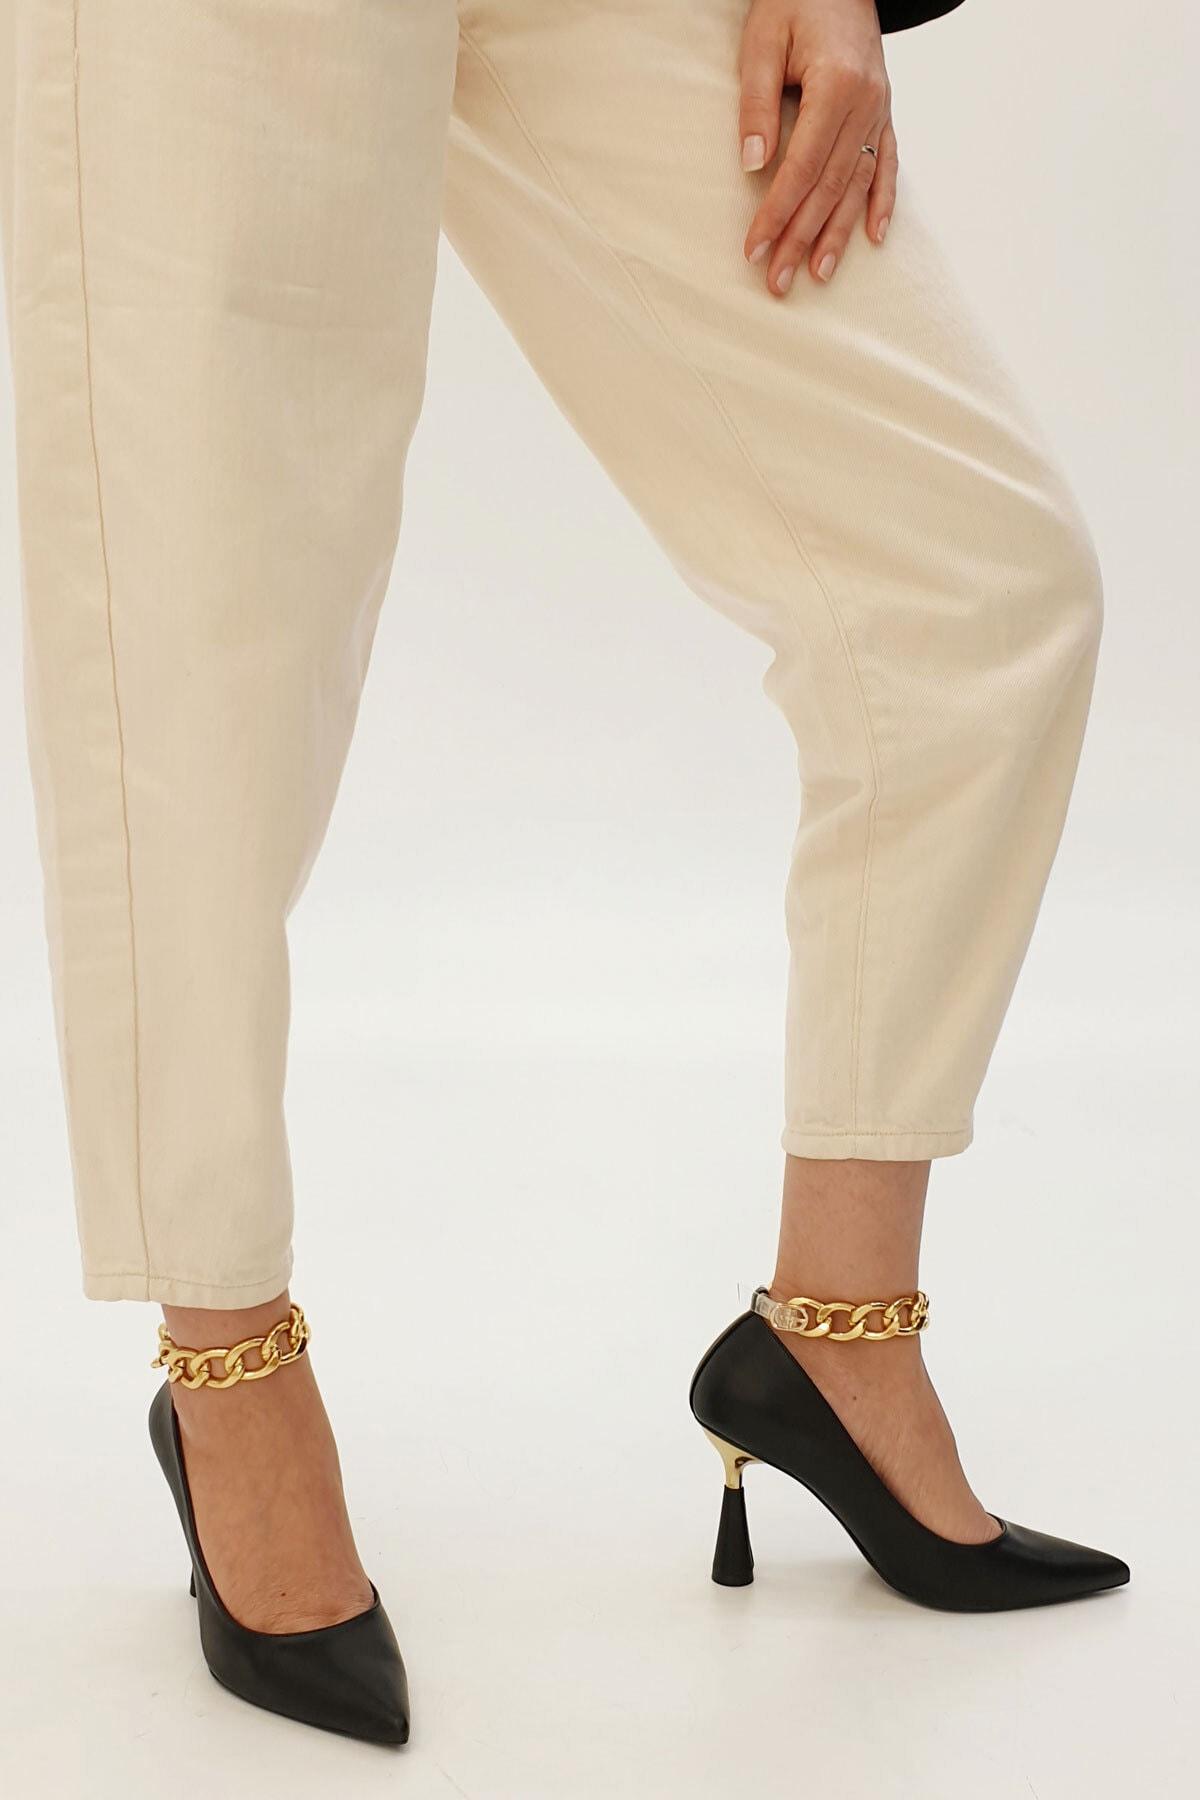 Marjin Nazita Kadın Stiletto Topuklu Ayakkabısiyah 2